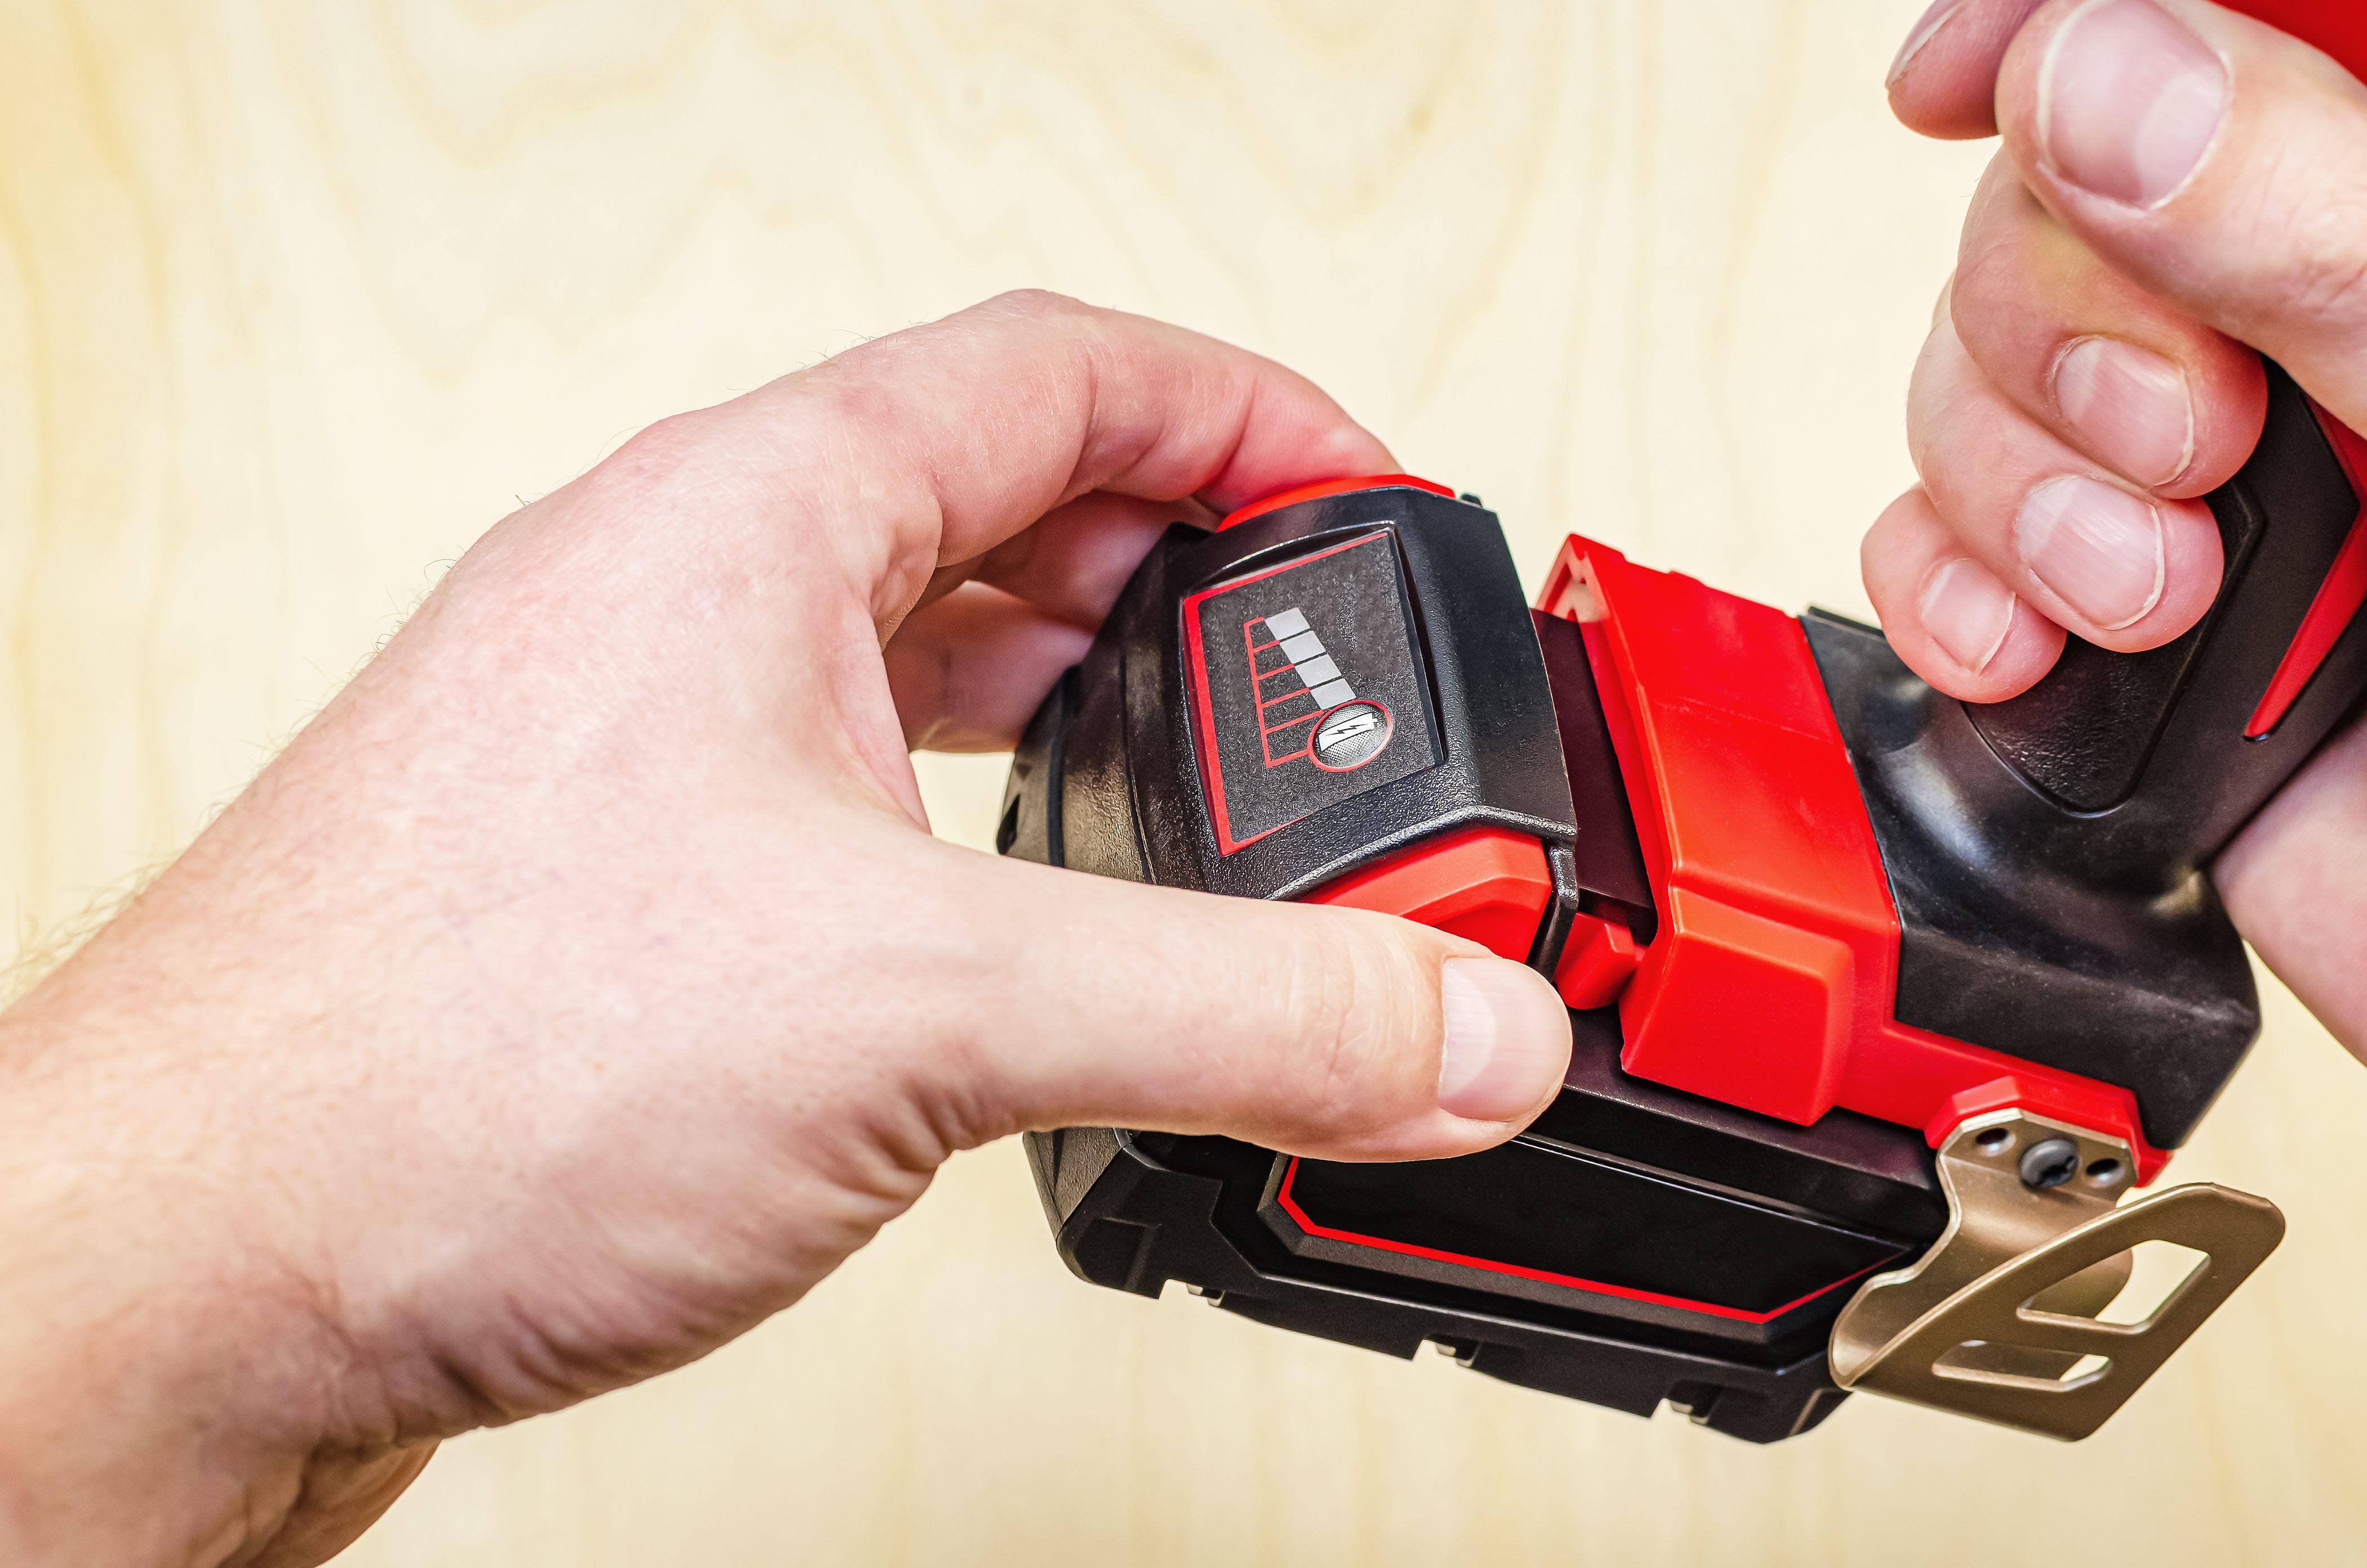 Comment choisir la batterie de ses outils électroportatifs